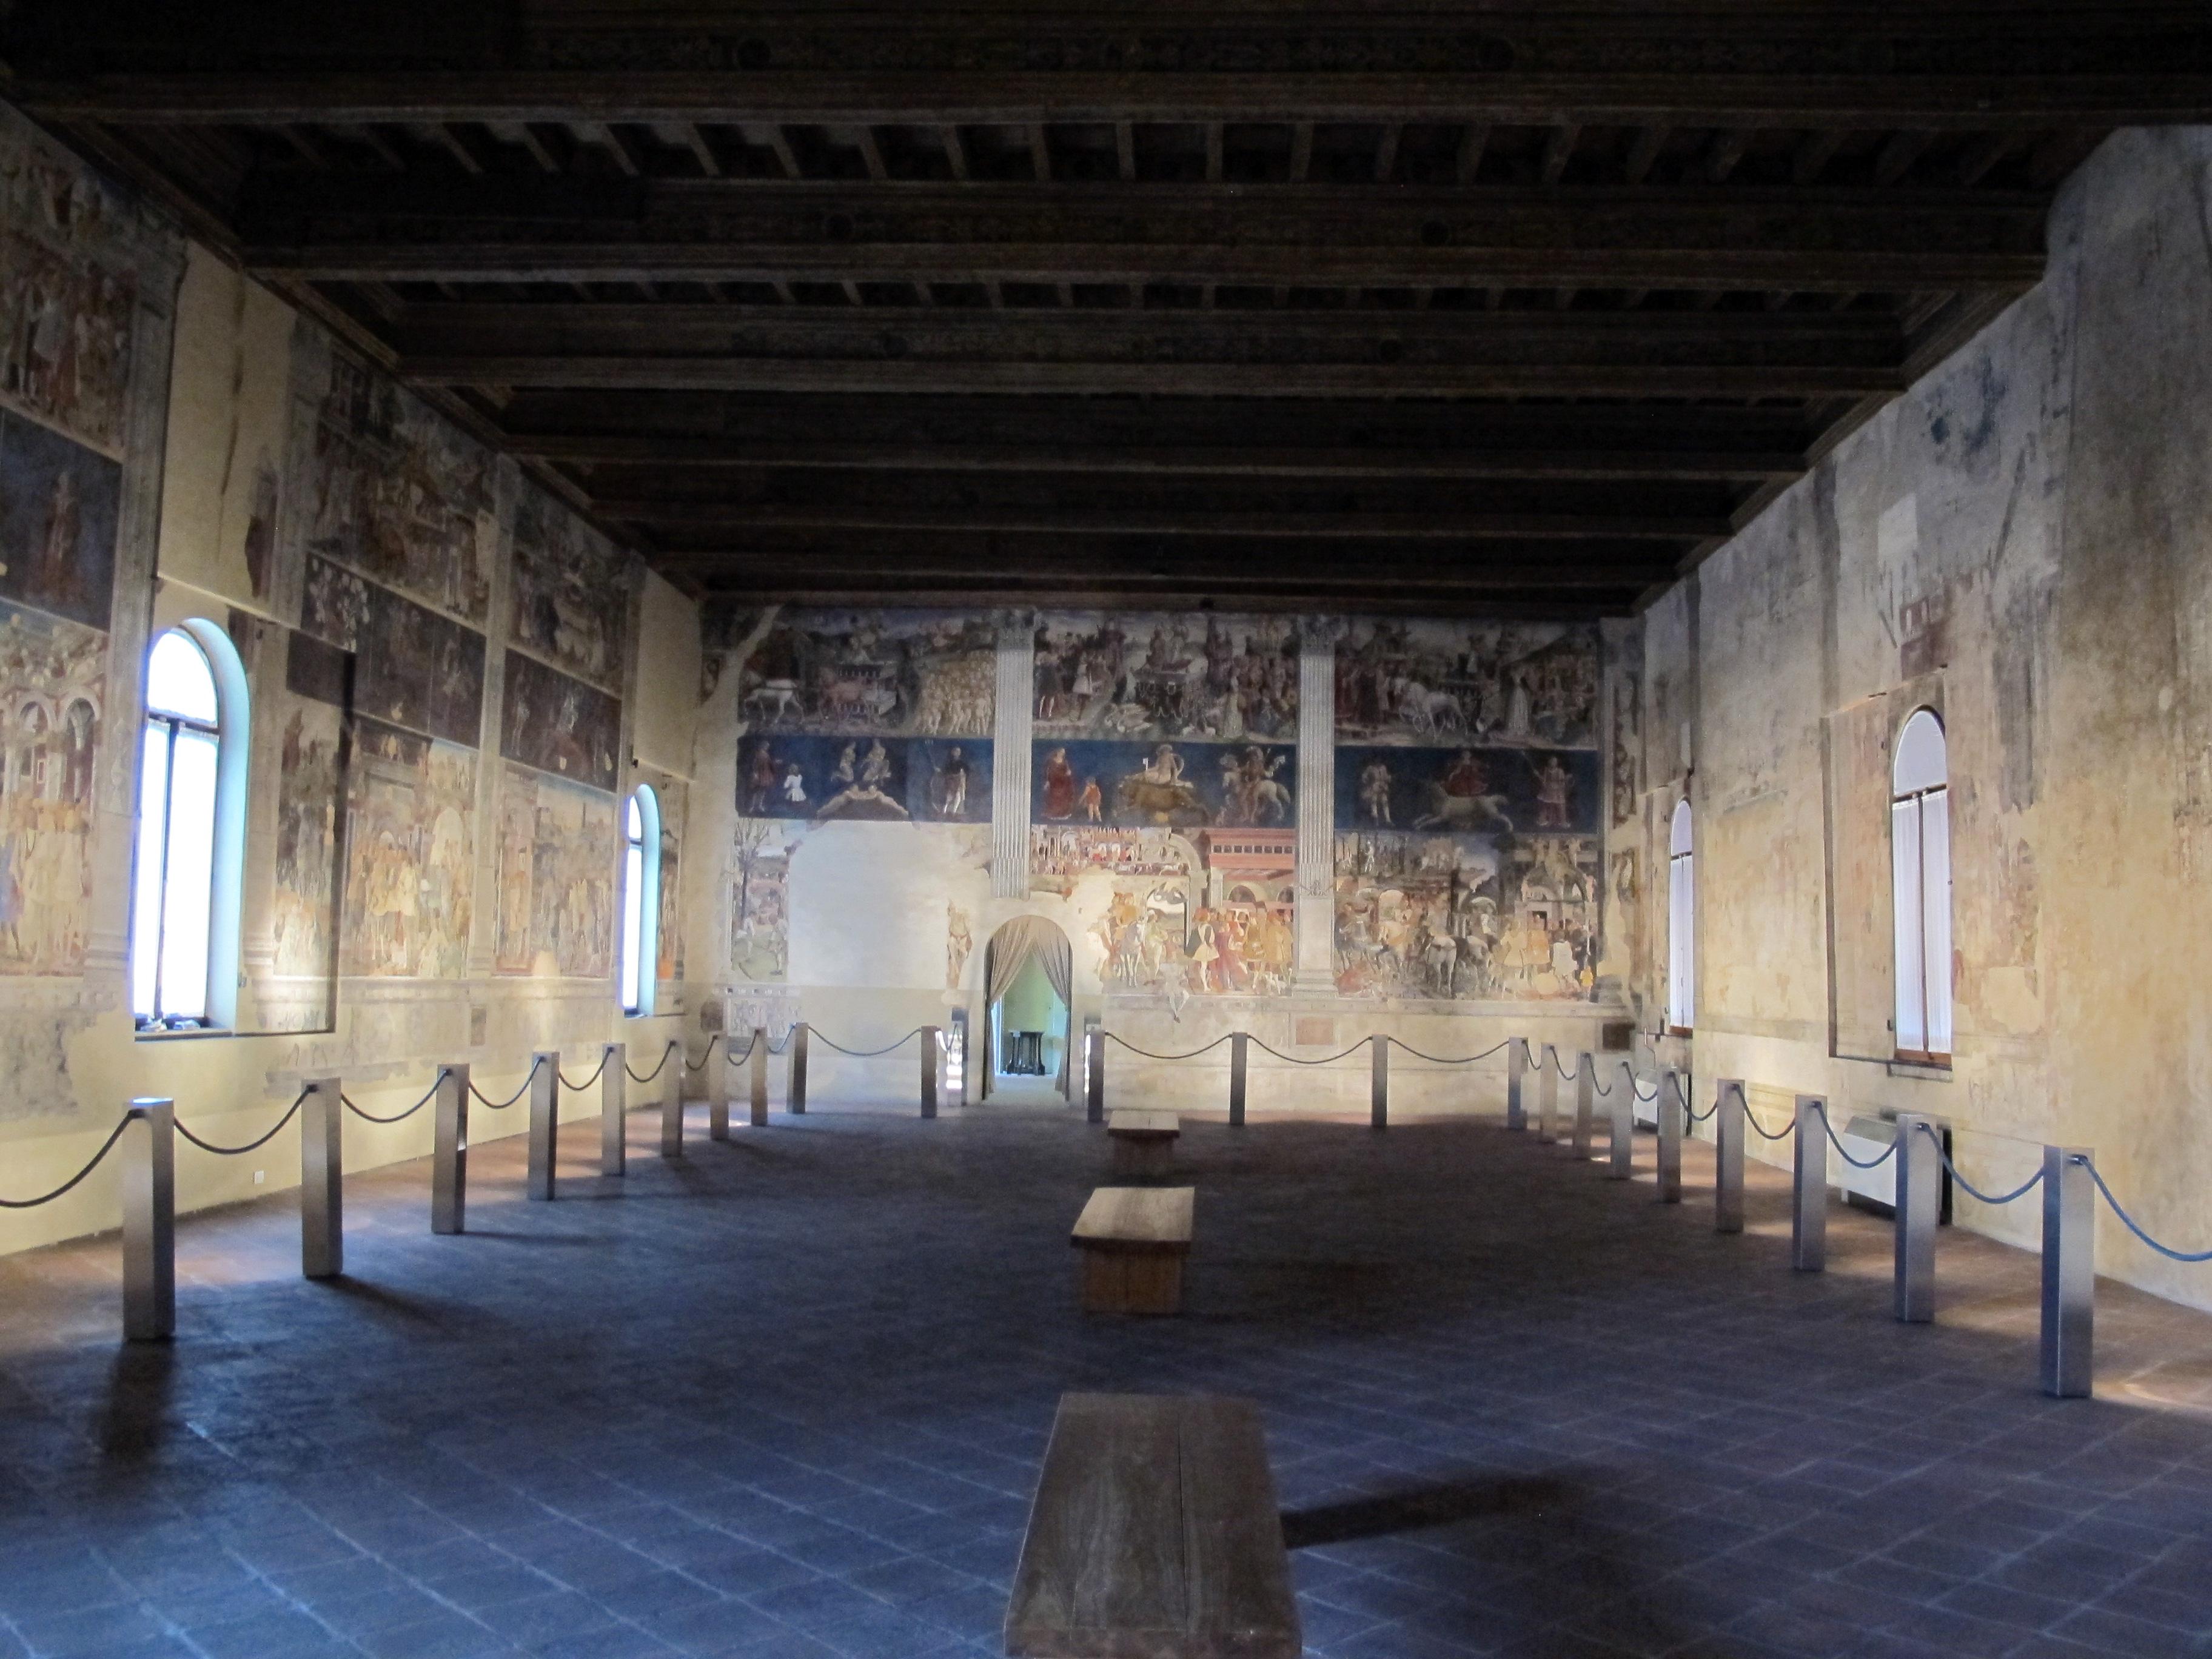 Palazzo schifanoia, salone dei mesi 01.JPG